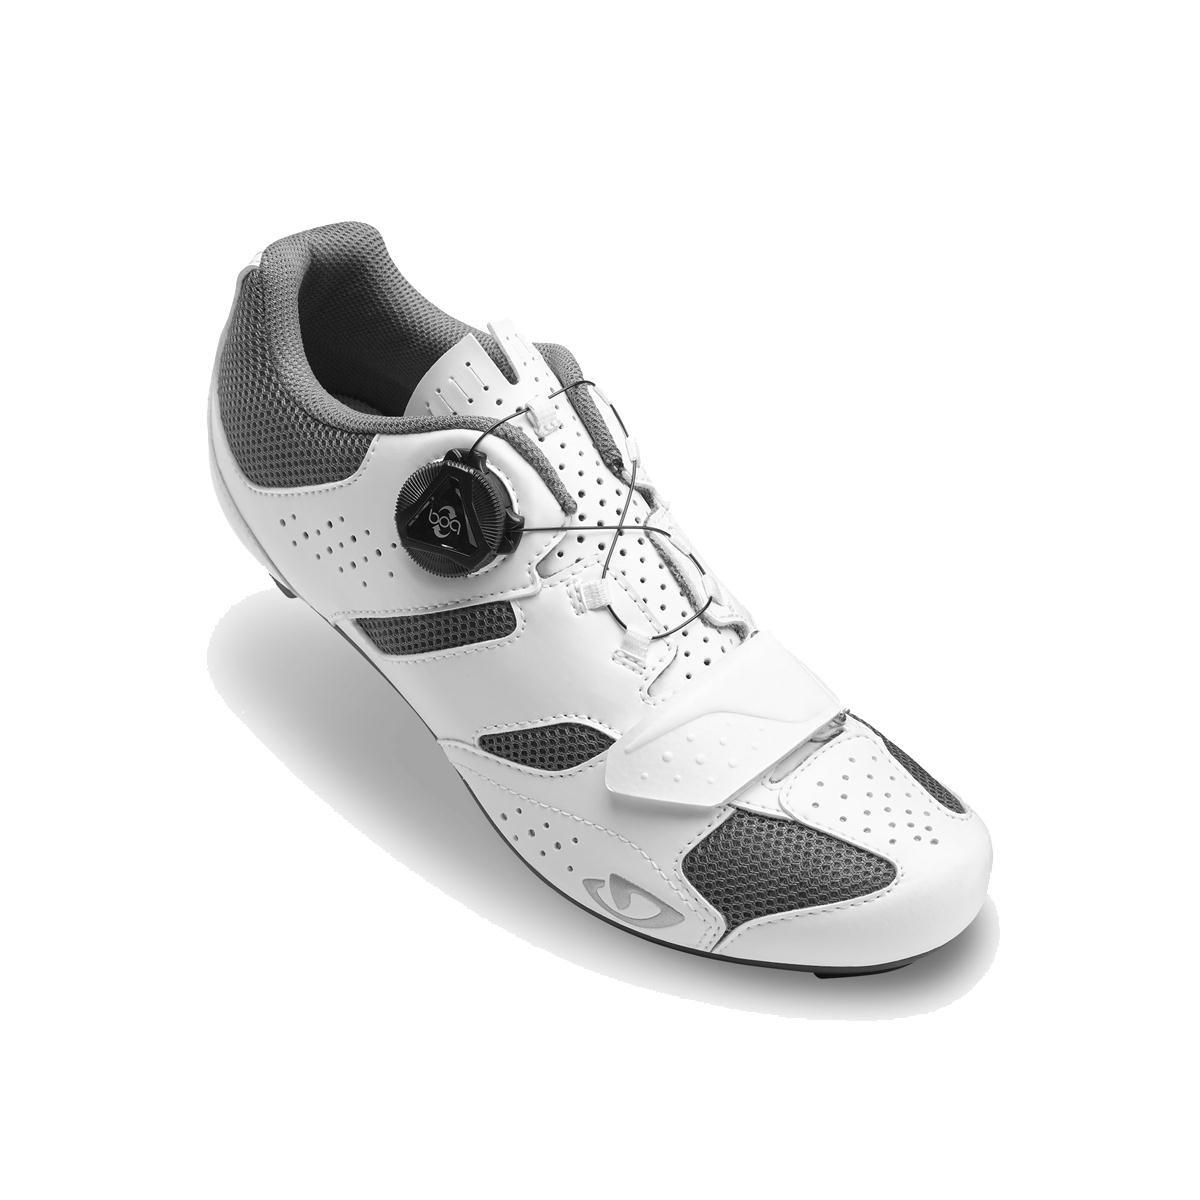 Giro Savix Cycling Shoe - Women's 7077233